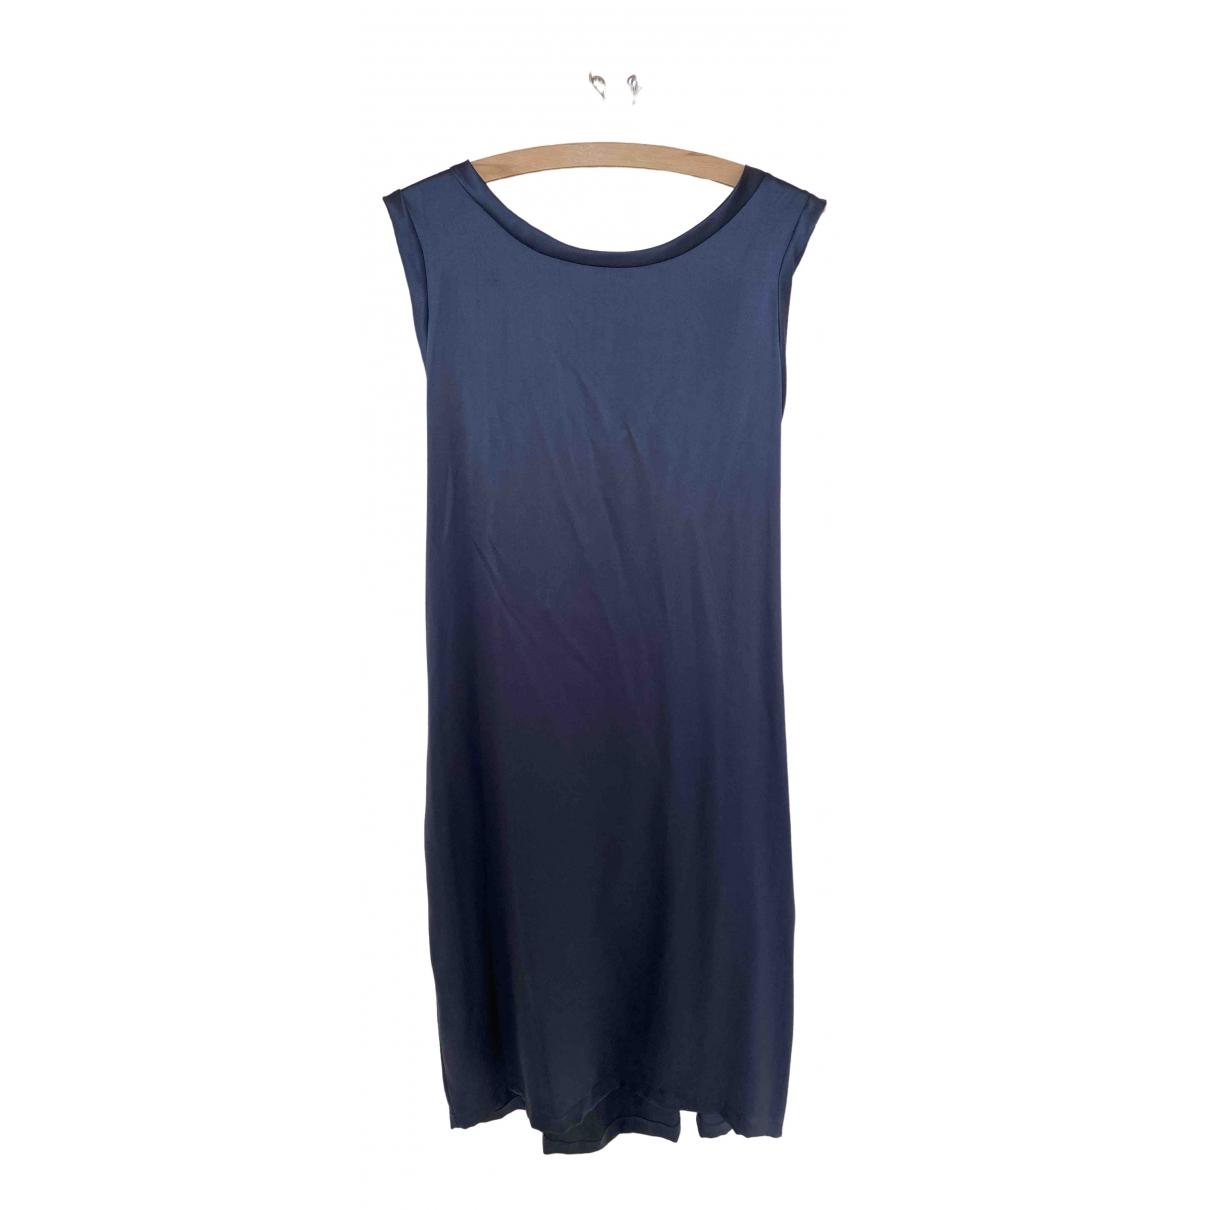 Yves Saint Laurent \N Blue Silk dress for Women 40 IT